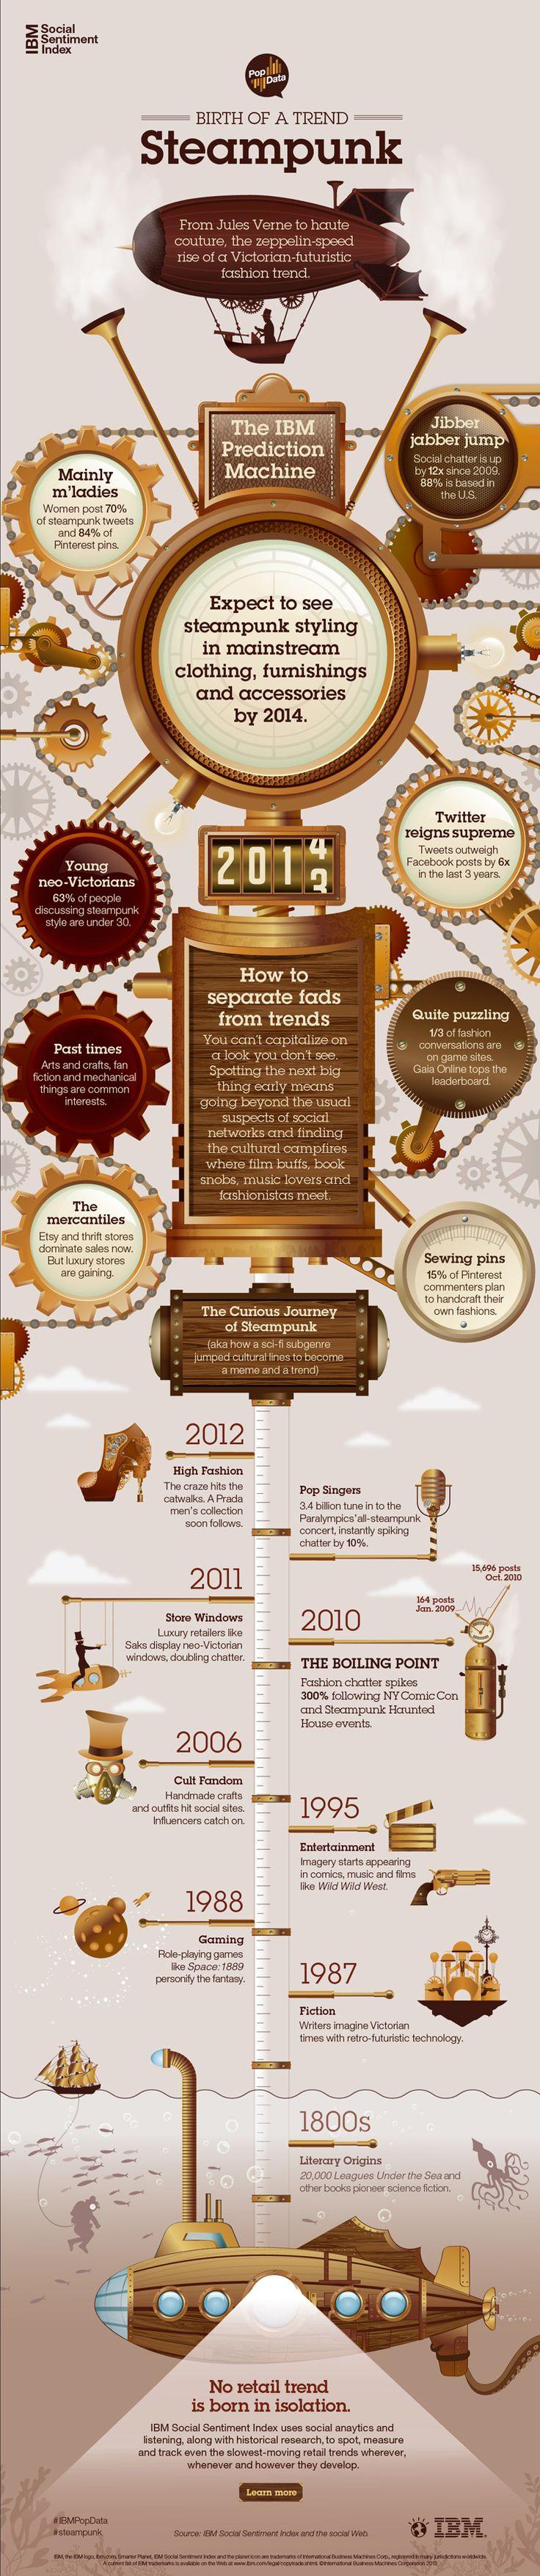 Cómo se gestan y se crean las tendencias, un infográfico de IBM #SMCMX #negocios